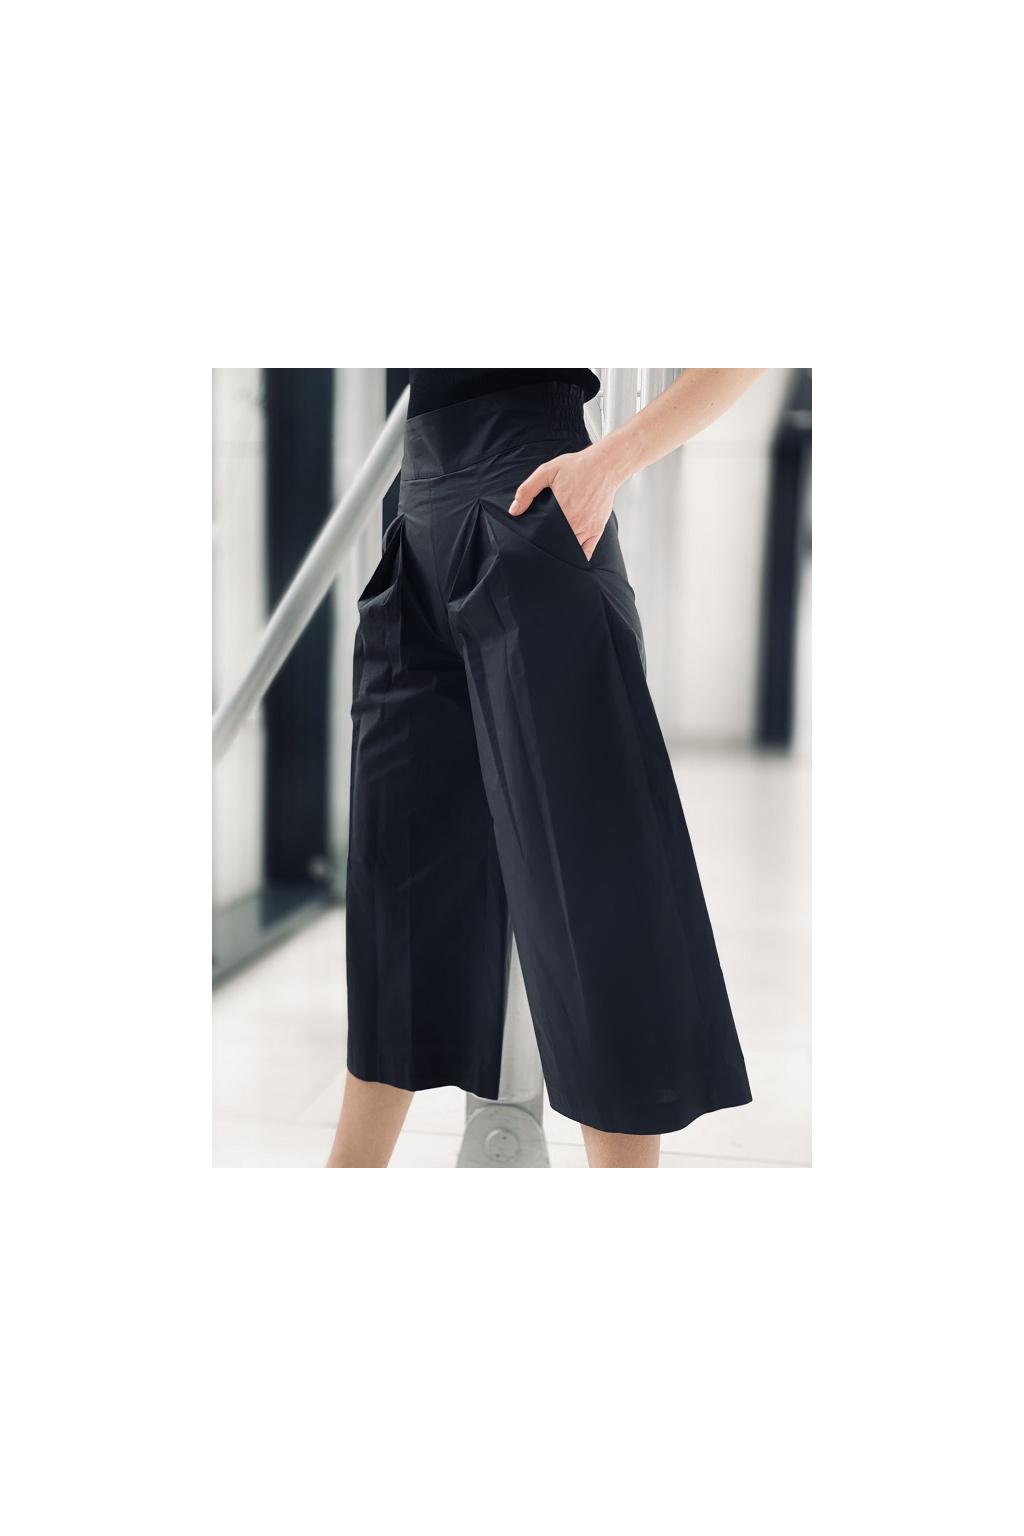 Dámská kalhoty Pinko Teso 4 černé